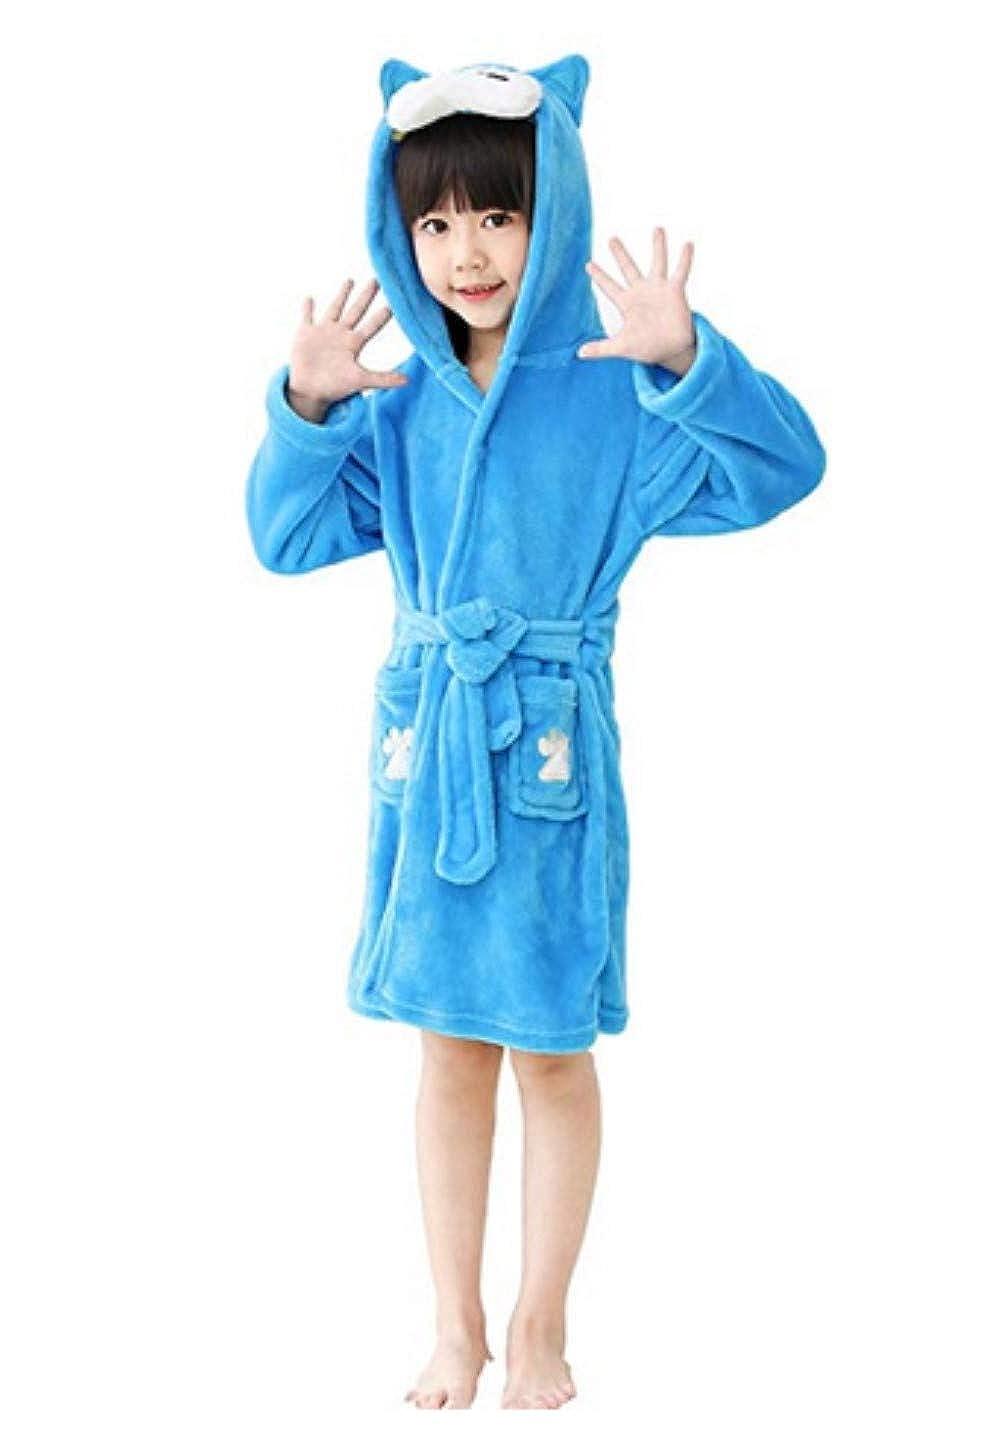 73ceec59b78f Woneart Kids Cartoon Animal Bathrobe Soft Dressing Gown Cute Hooded  Sleepwear Flannel Loungewear Housecoat Comfortable Nightwear Towel Robe  Costume  ...